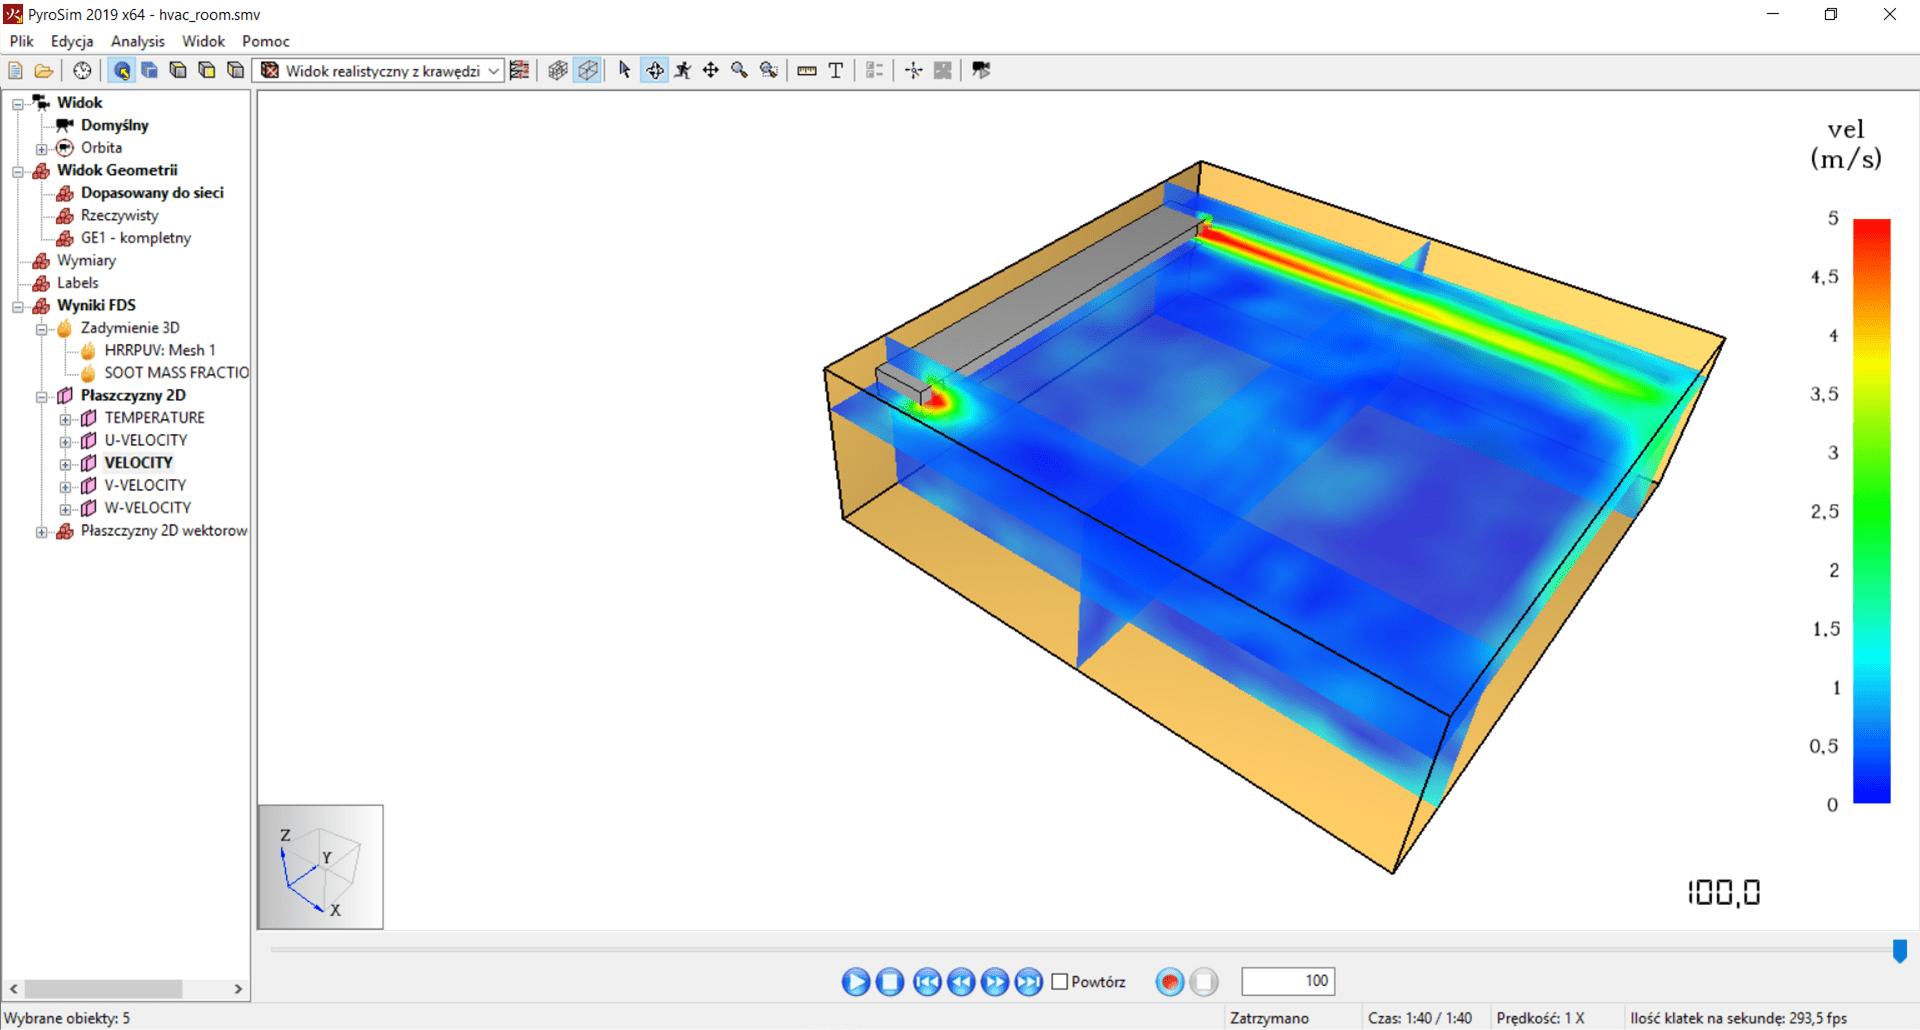 Wizualizacja prędkości HVAC - program PyroSim